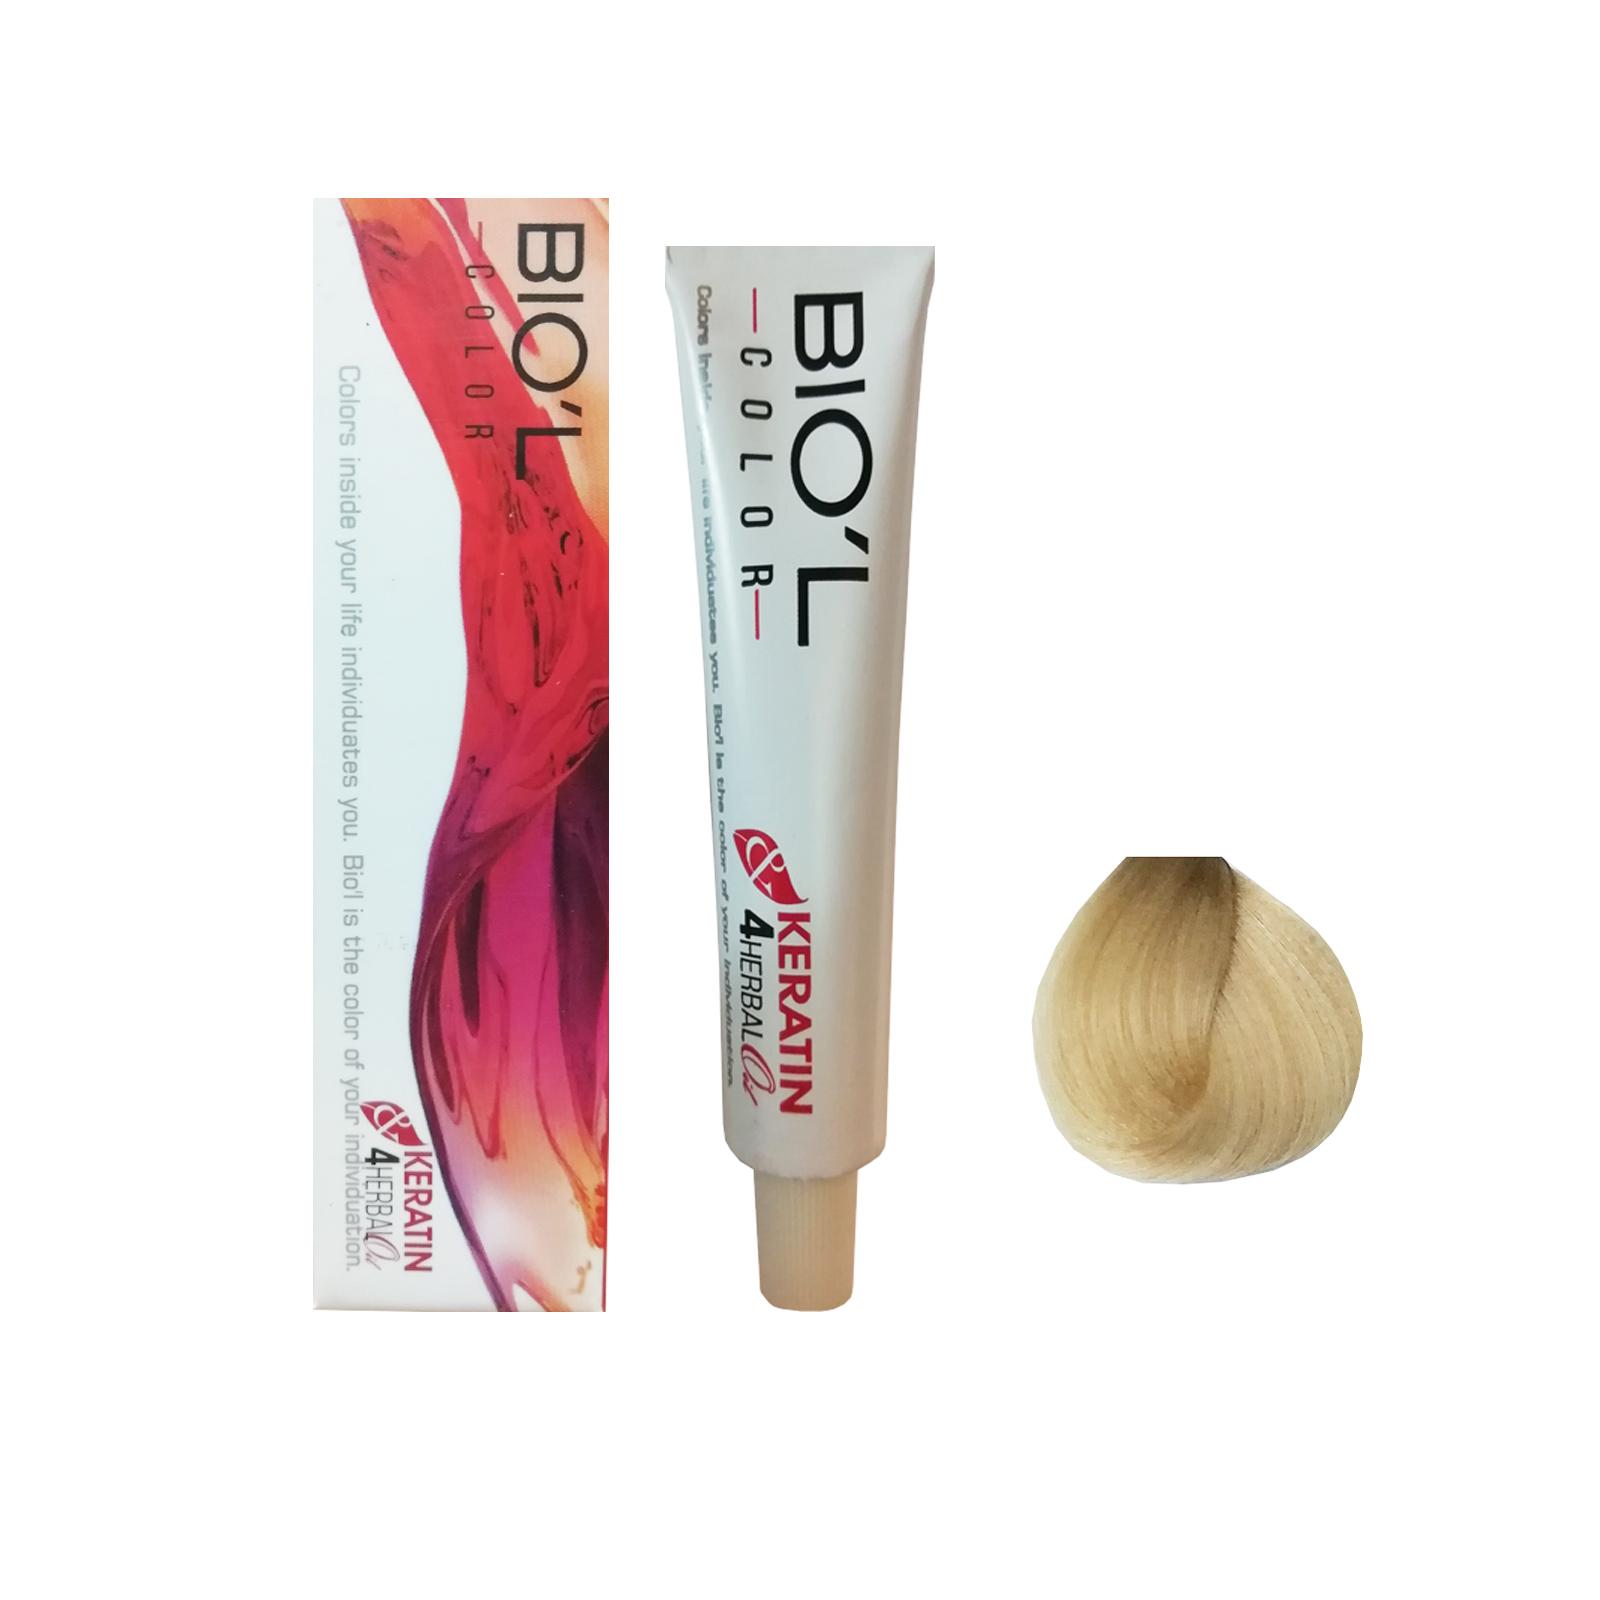 رنگ مو بیول شماره 0023 حجم 15 میلی لیتر رنگ بلوند بژ روشن